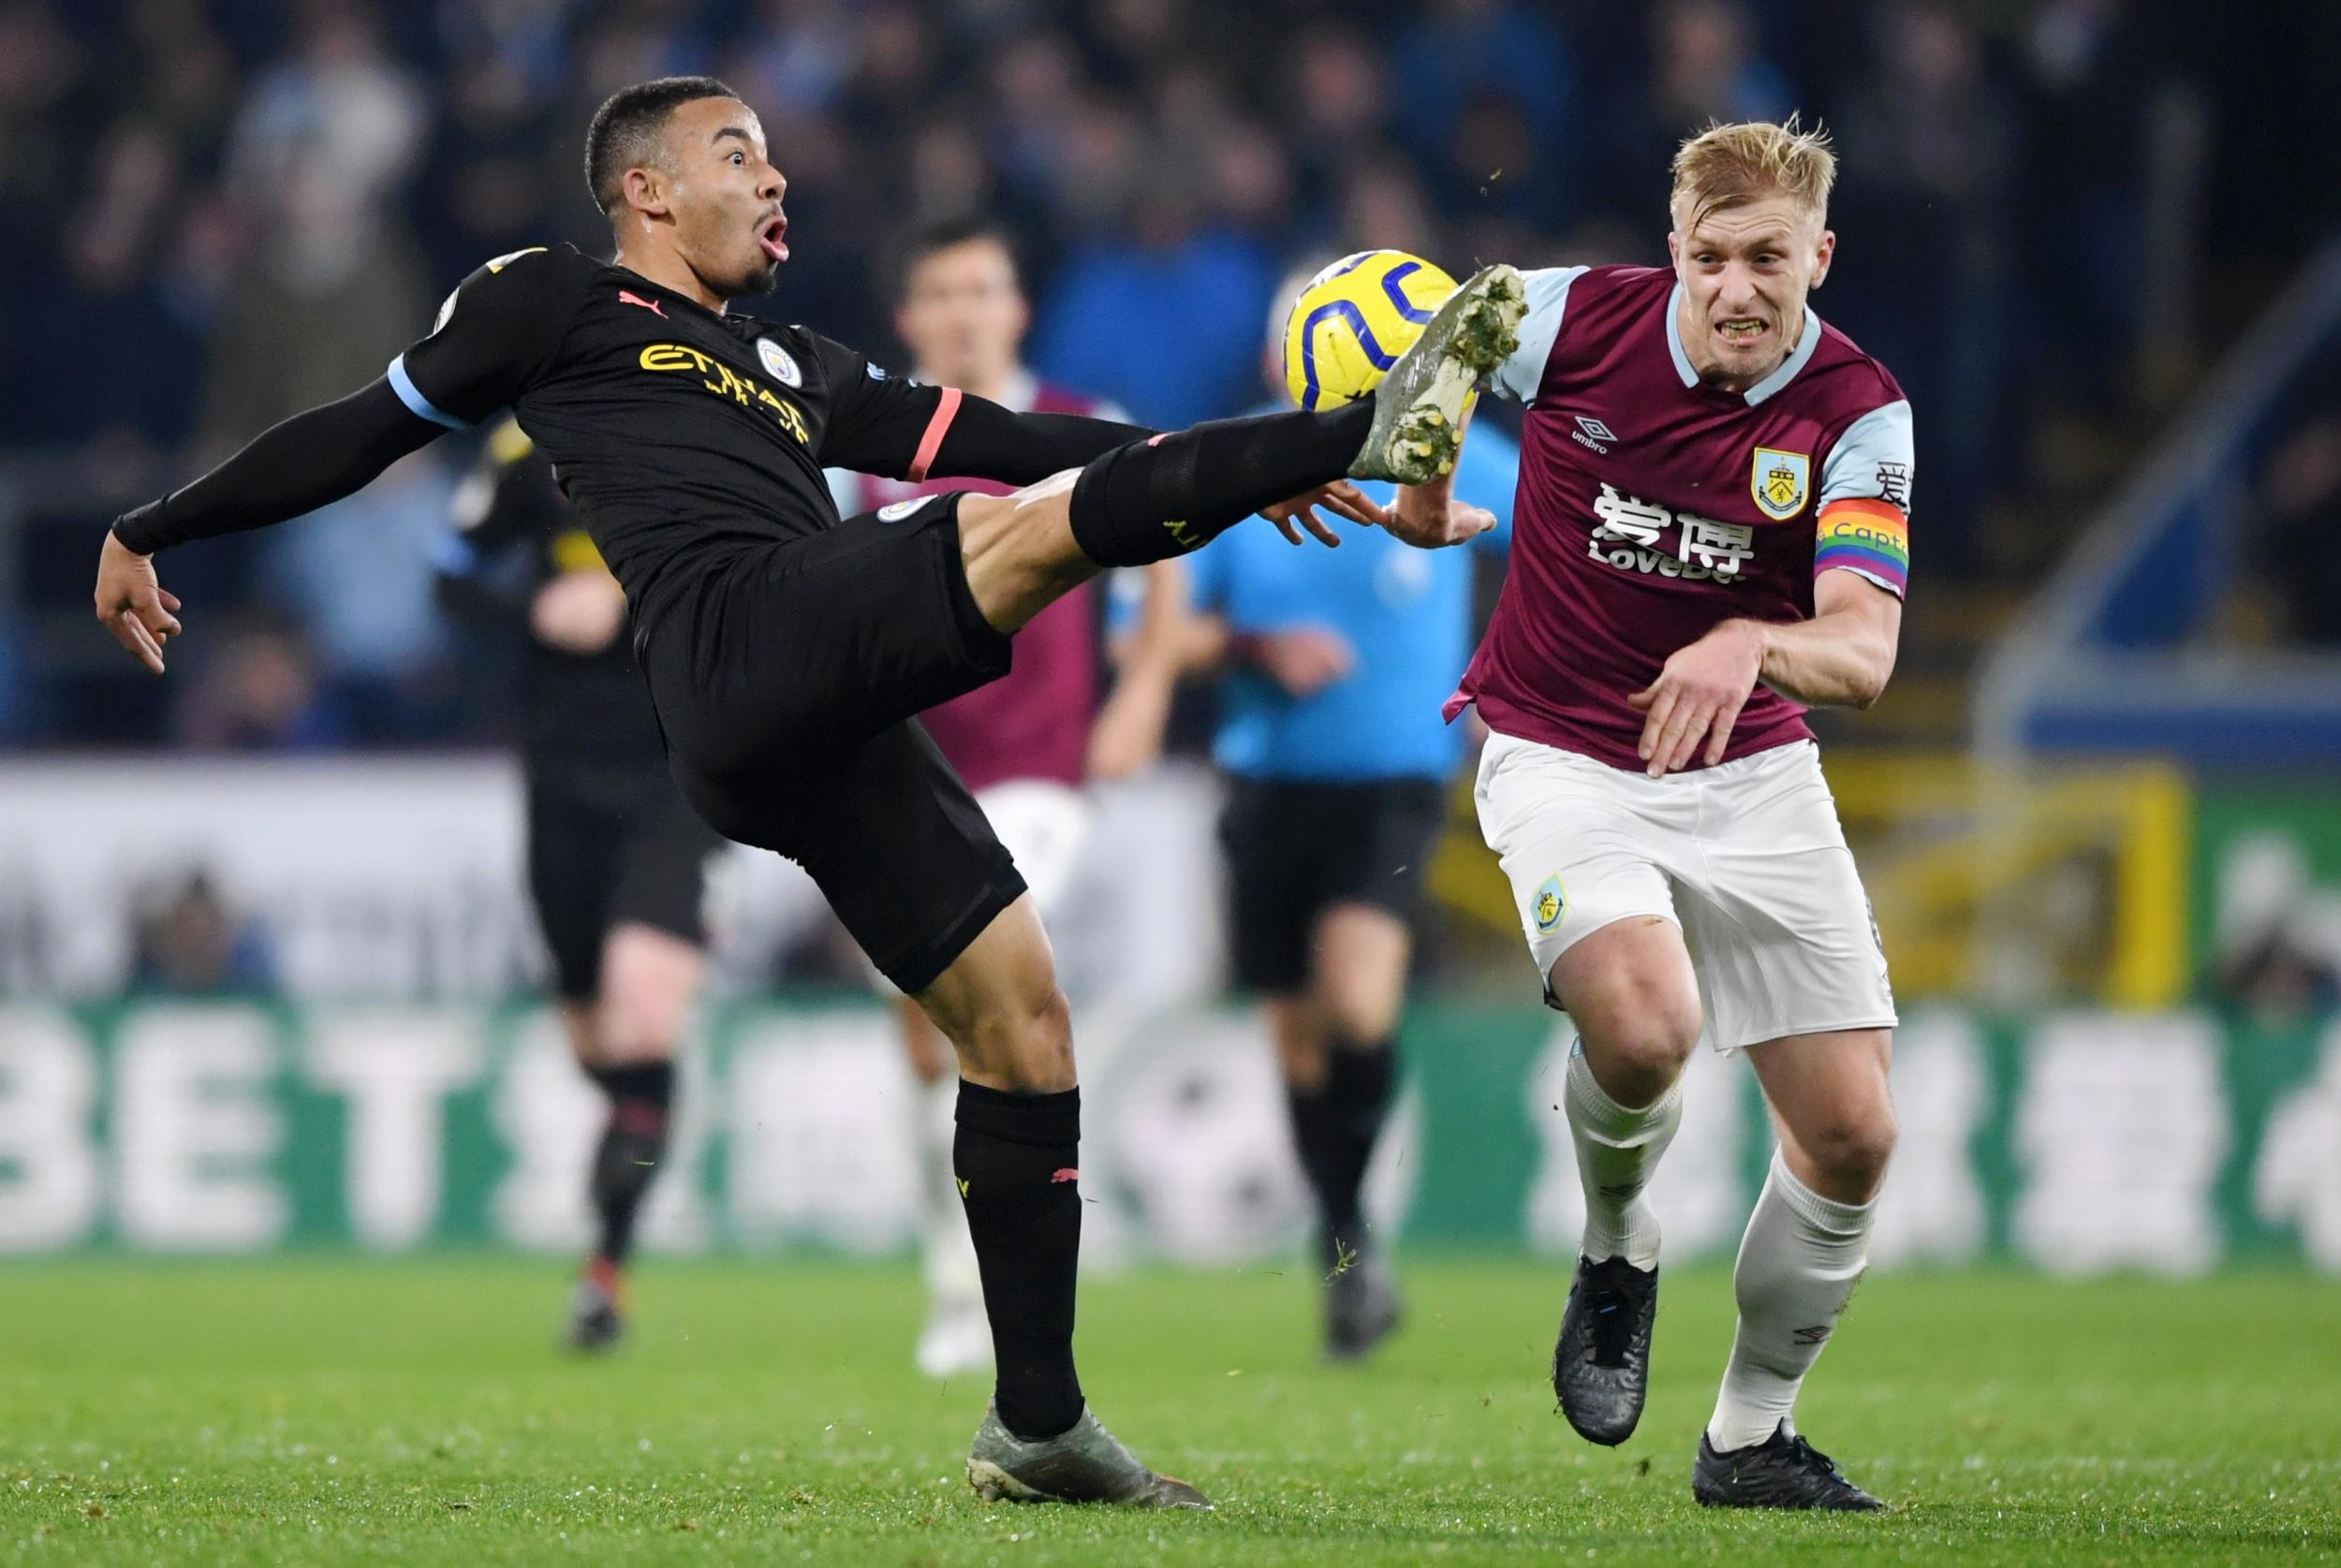 Kênh xem trực tiếp Man City vs Burnley, vòng 10 Ngoại hạng Anh 2020-2021